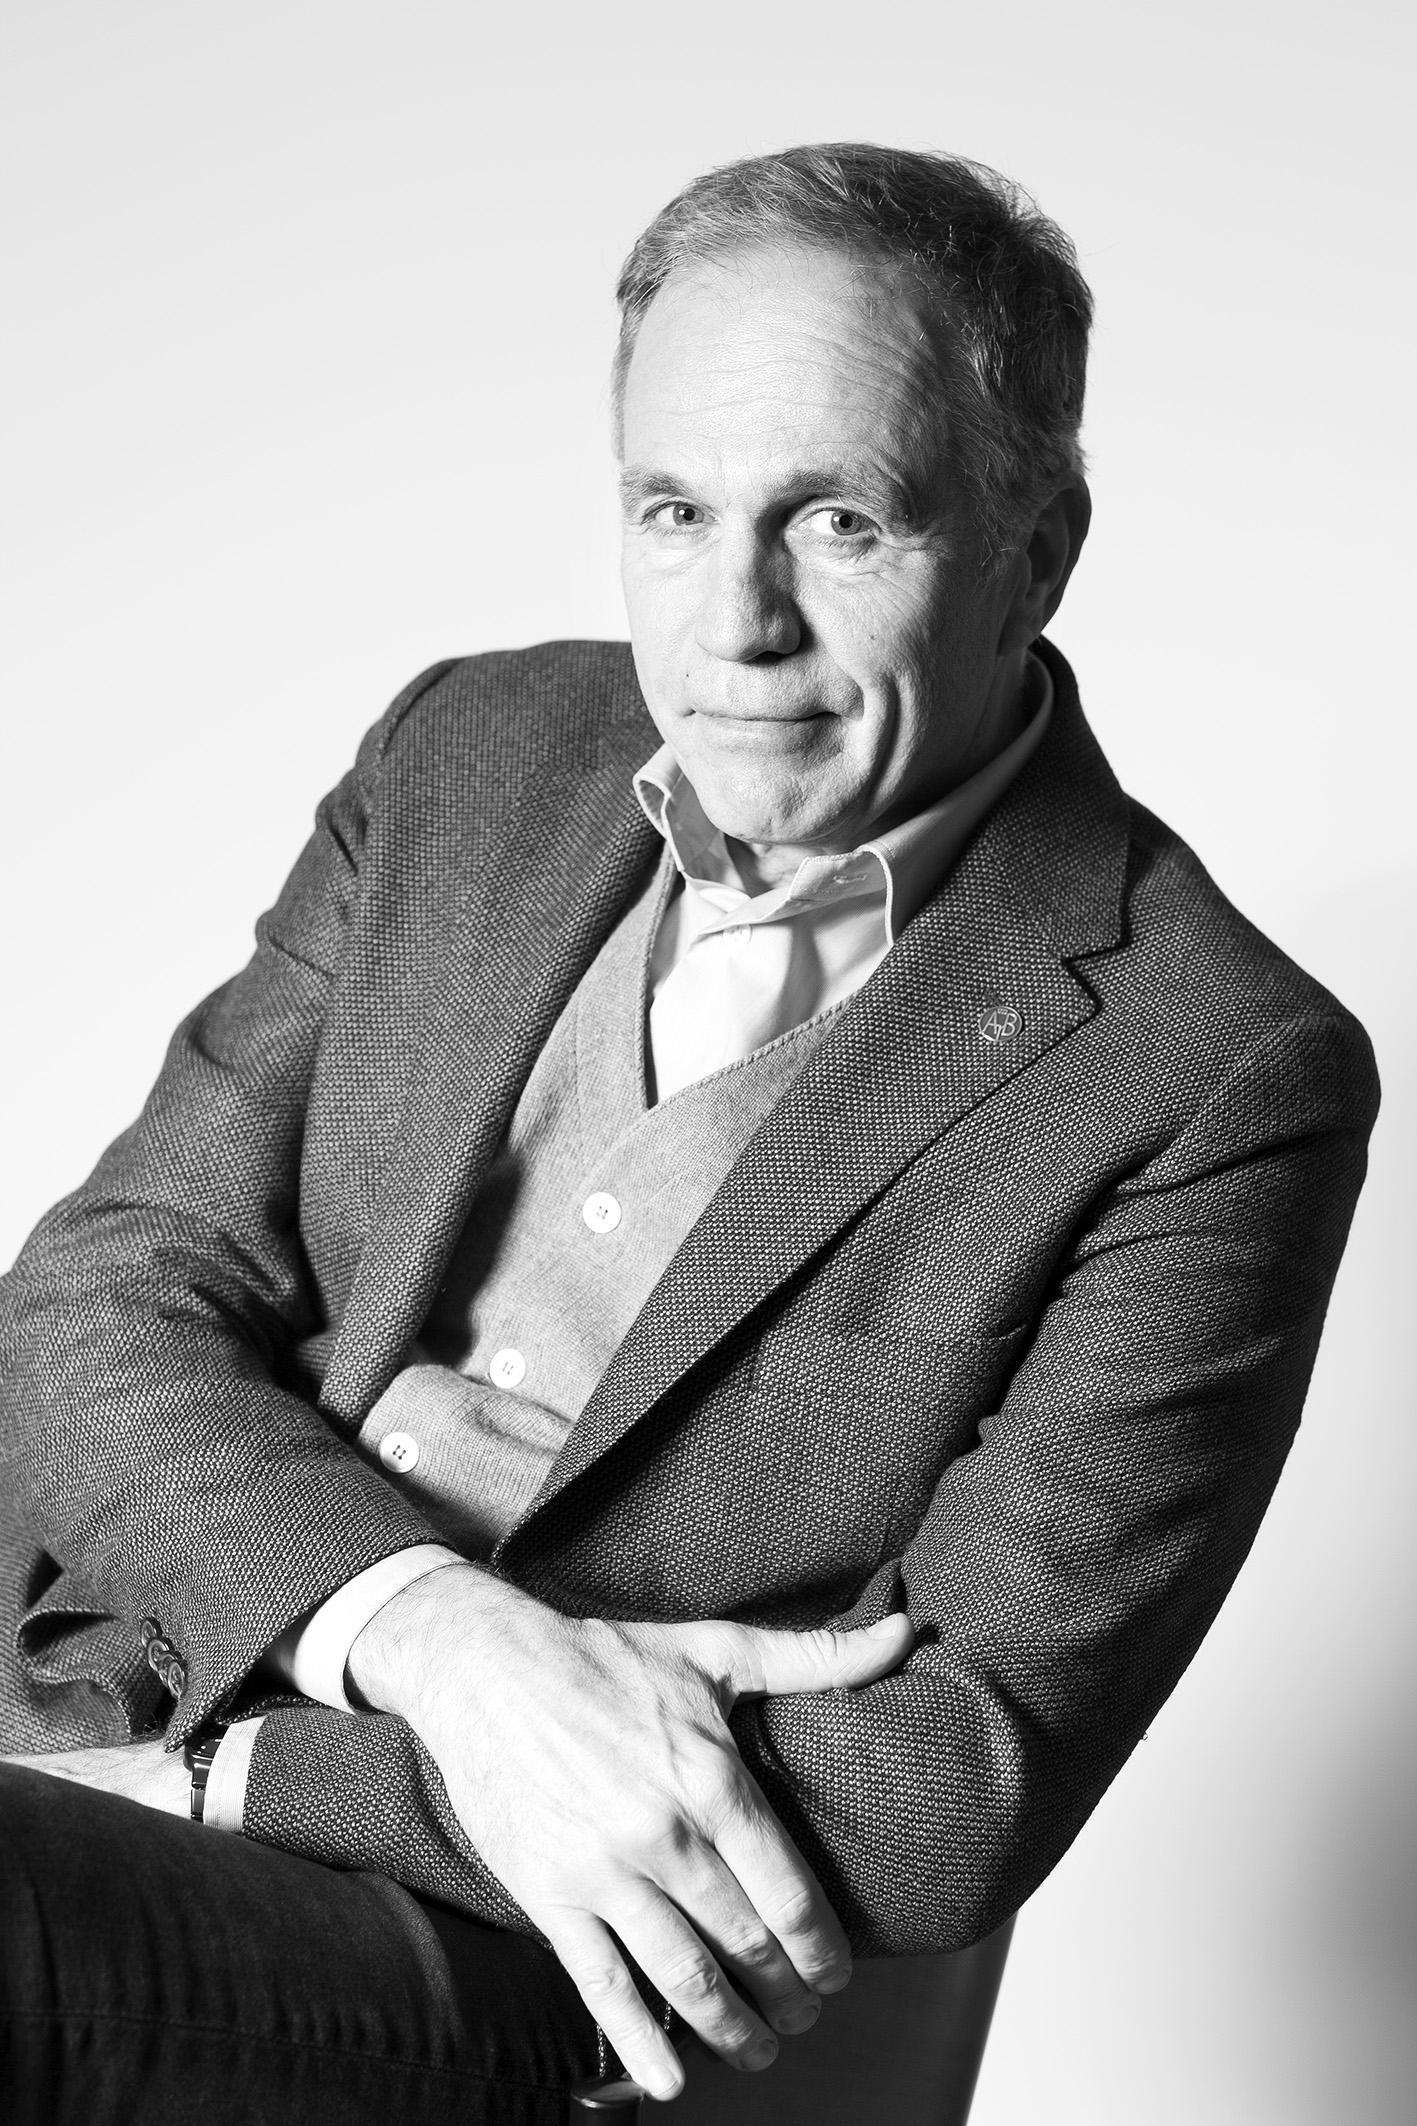 Daniel Dethier, architect